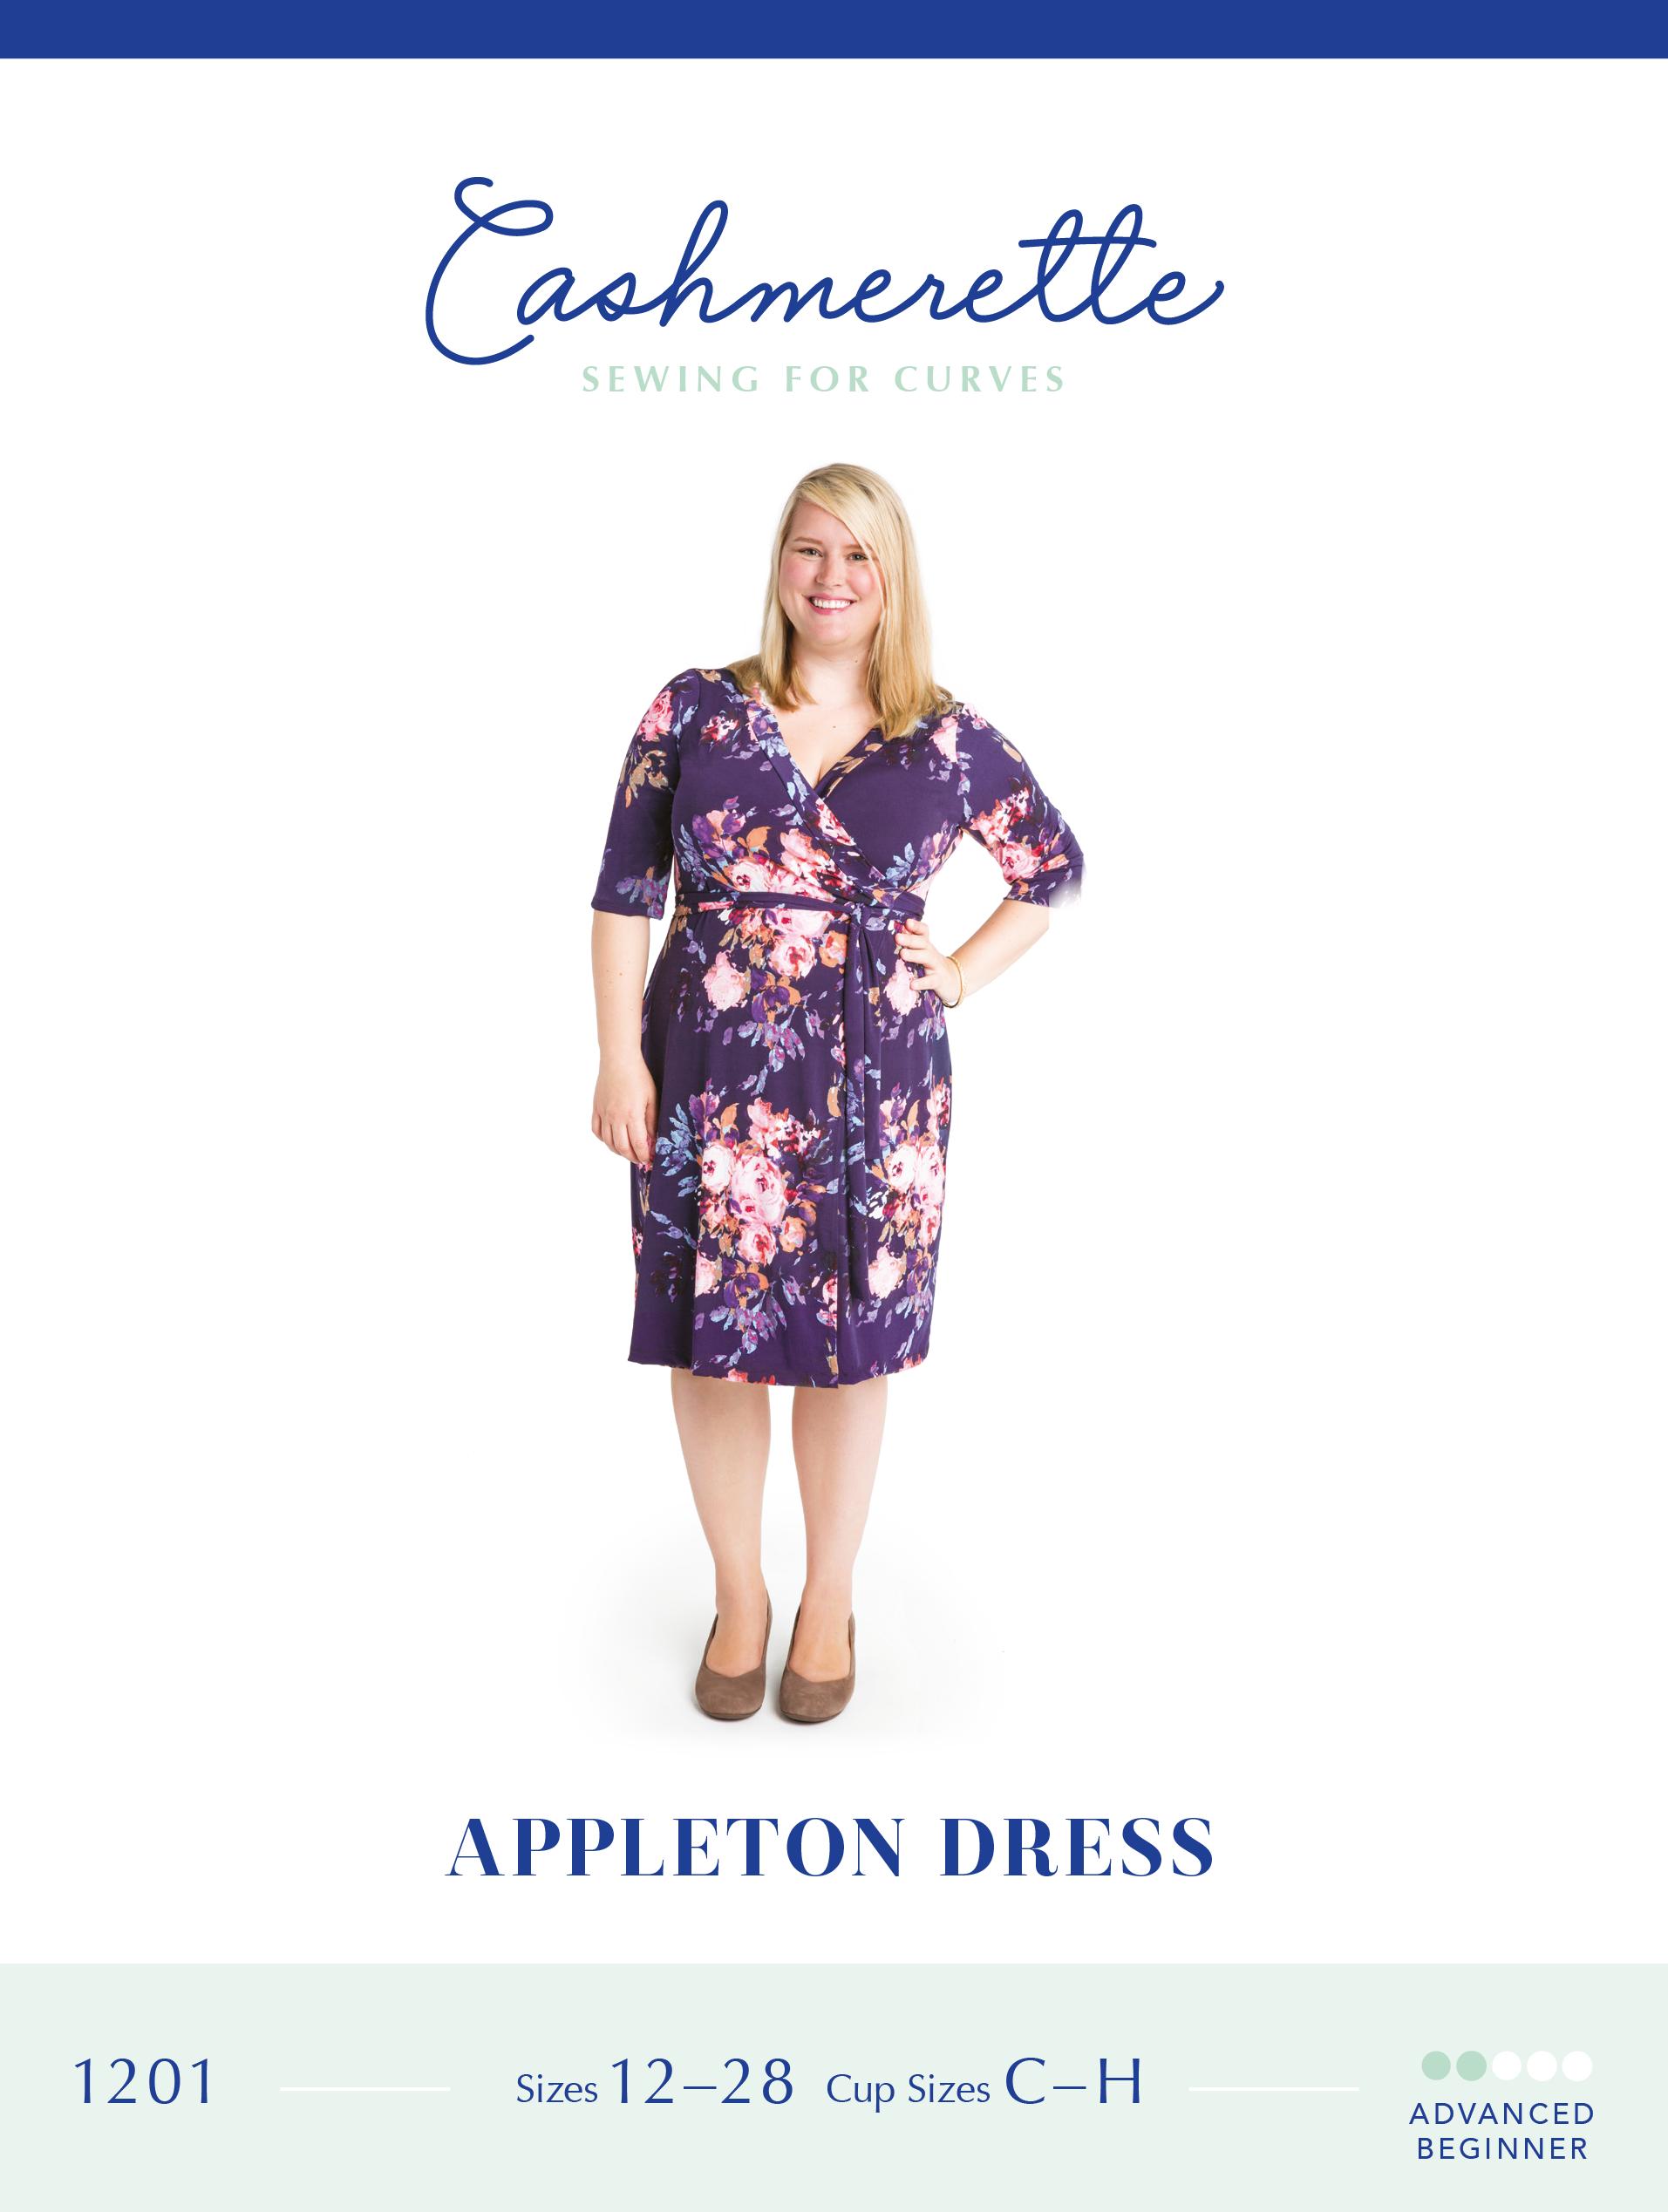 Cashmerette Patterns: designed for curves